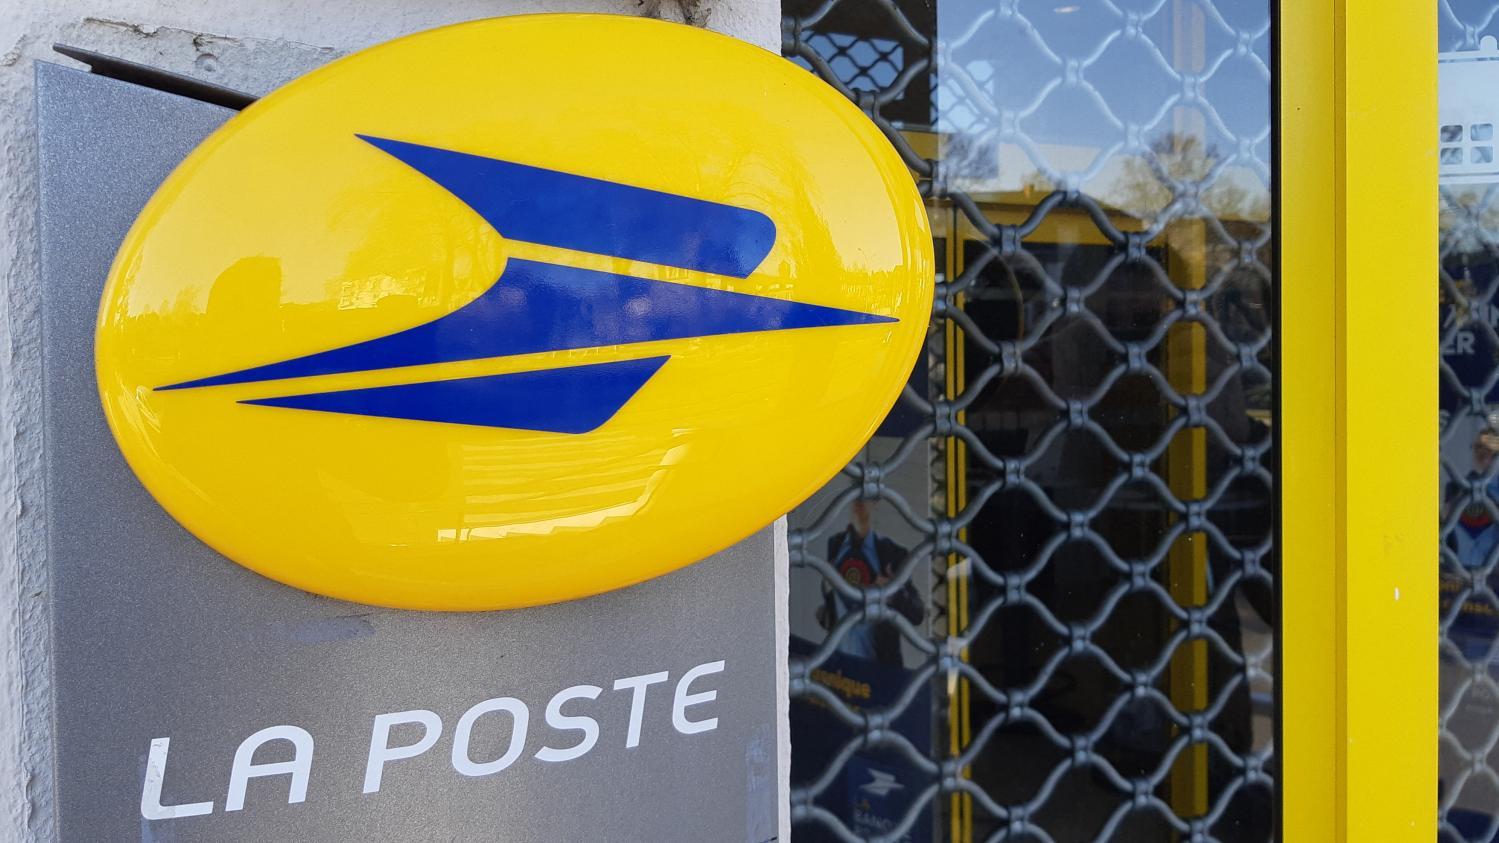 Le décryptage éco. Quel avenir pour La Poste sans le courrier papier ?